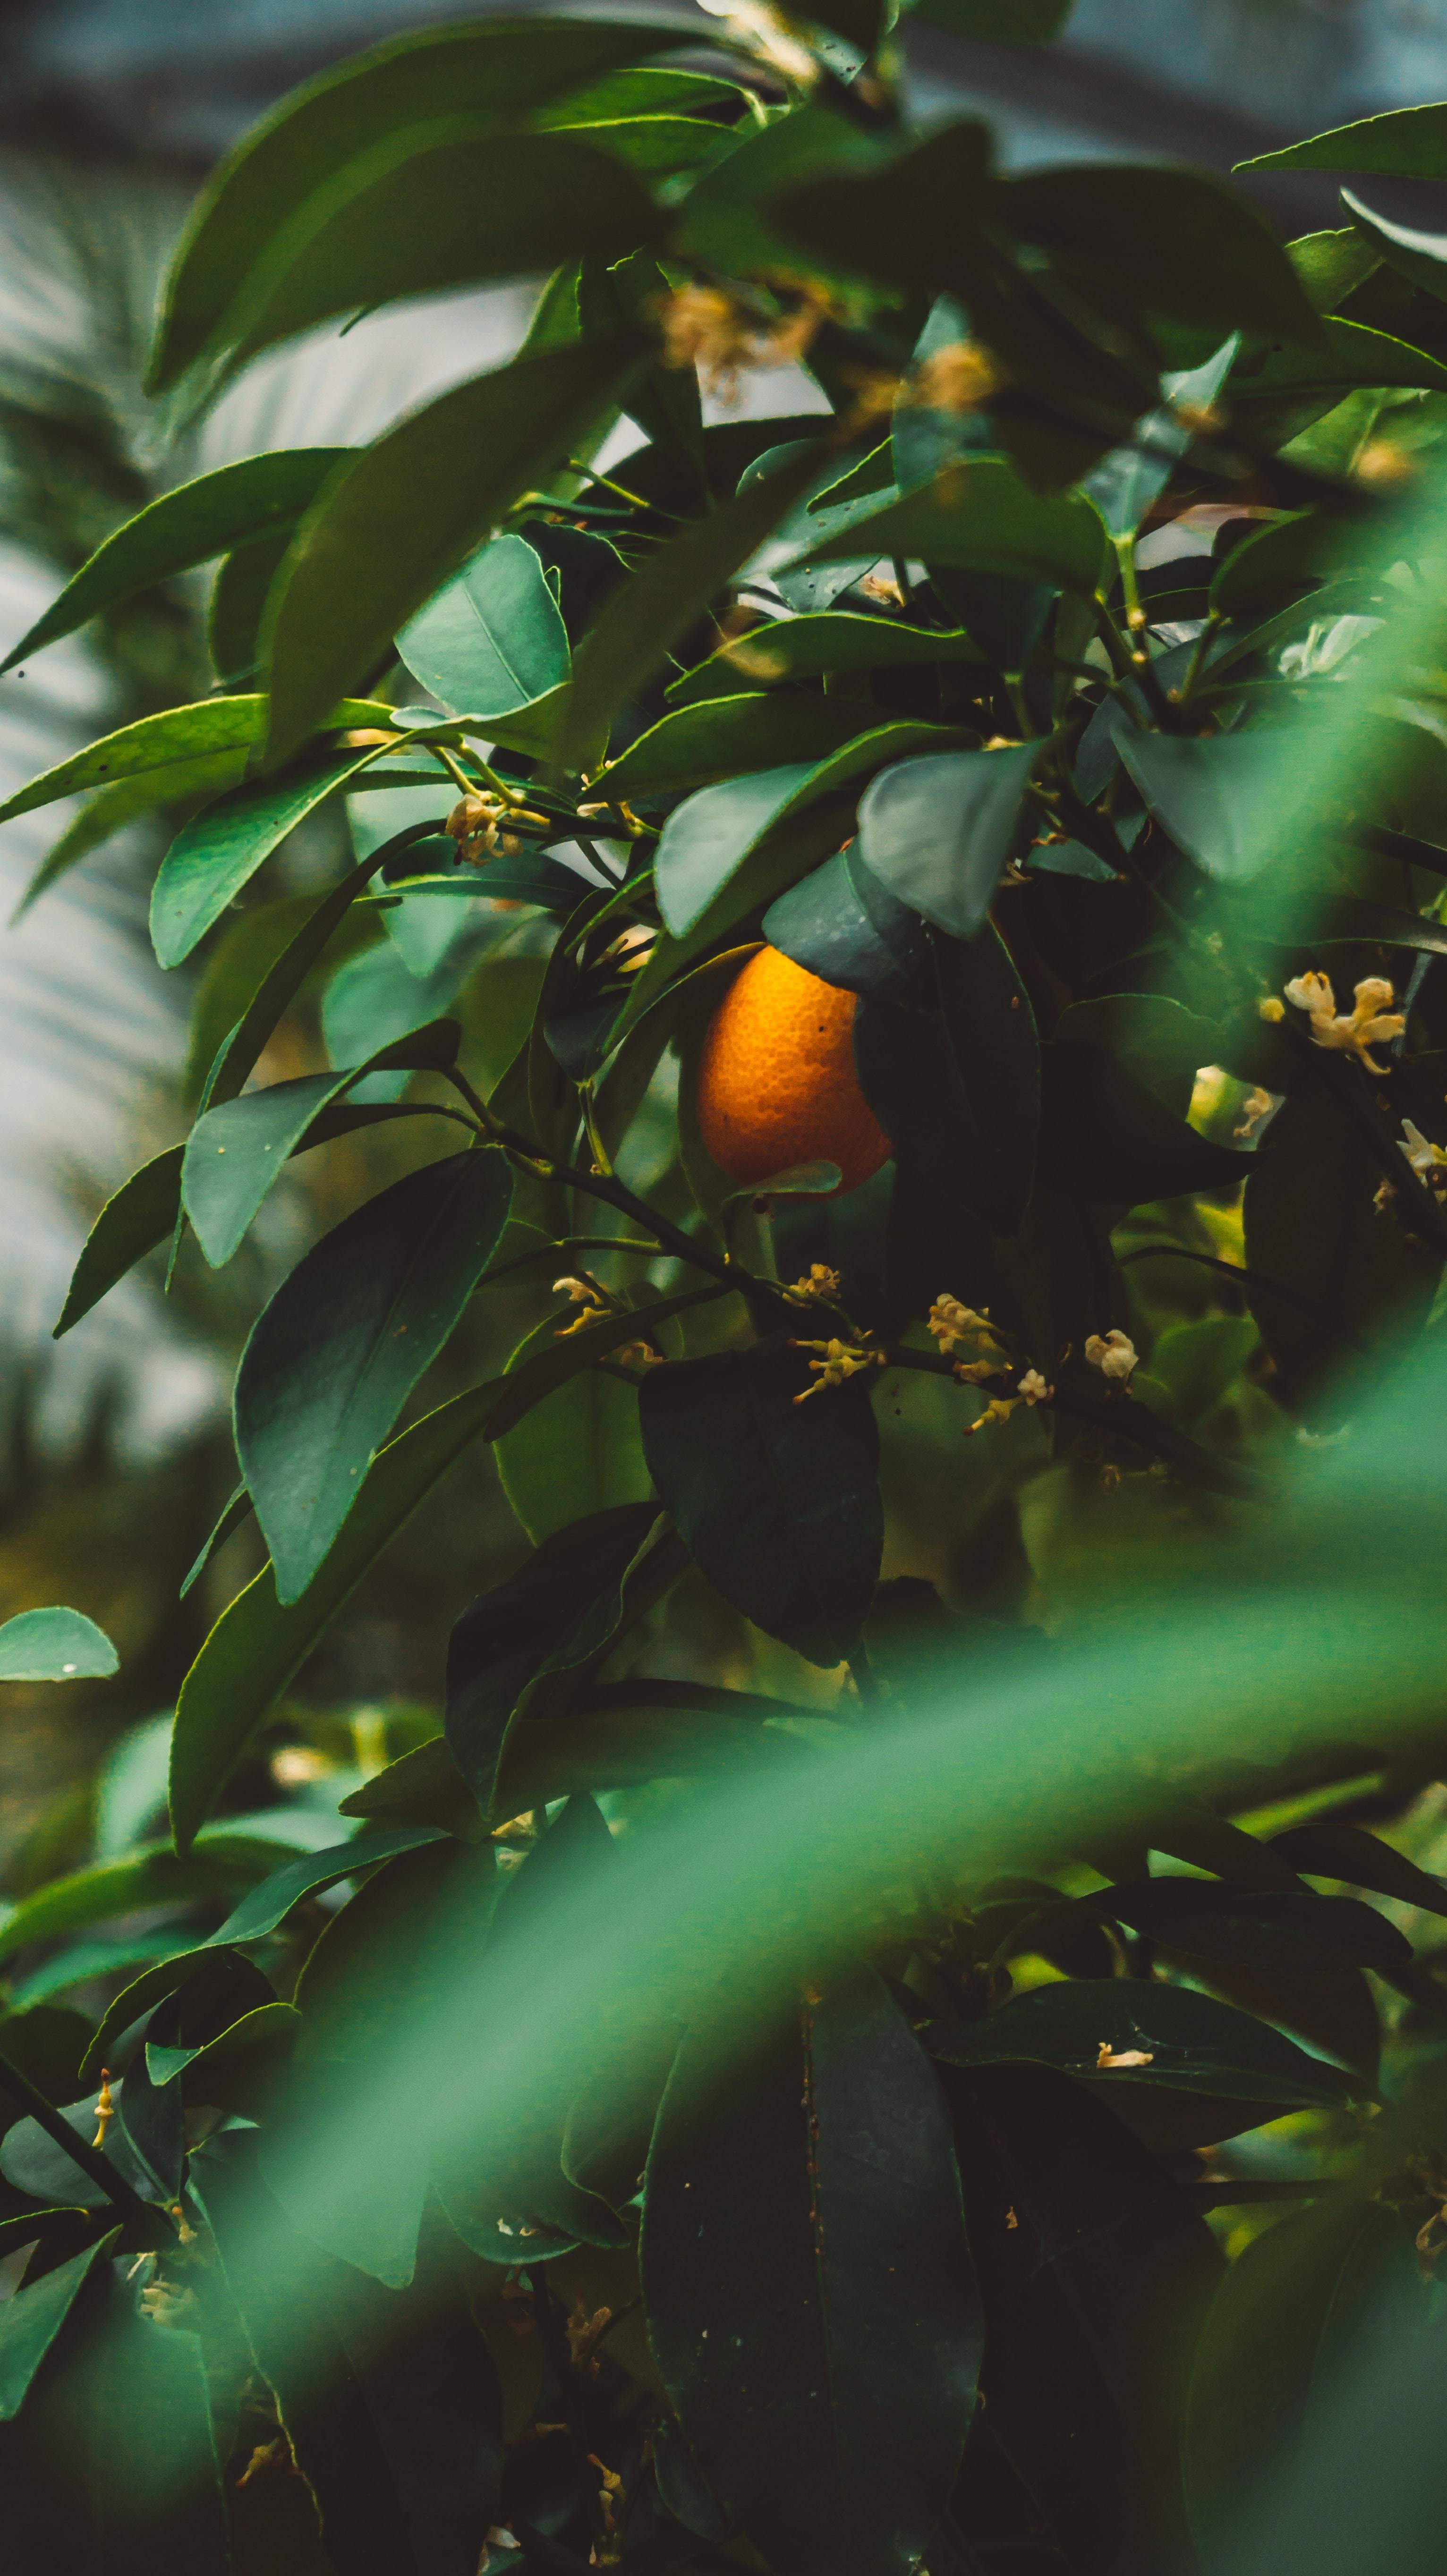 oval orange fruit on tree